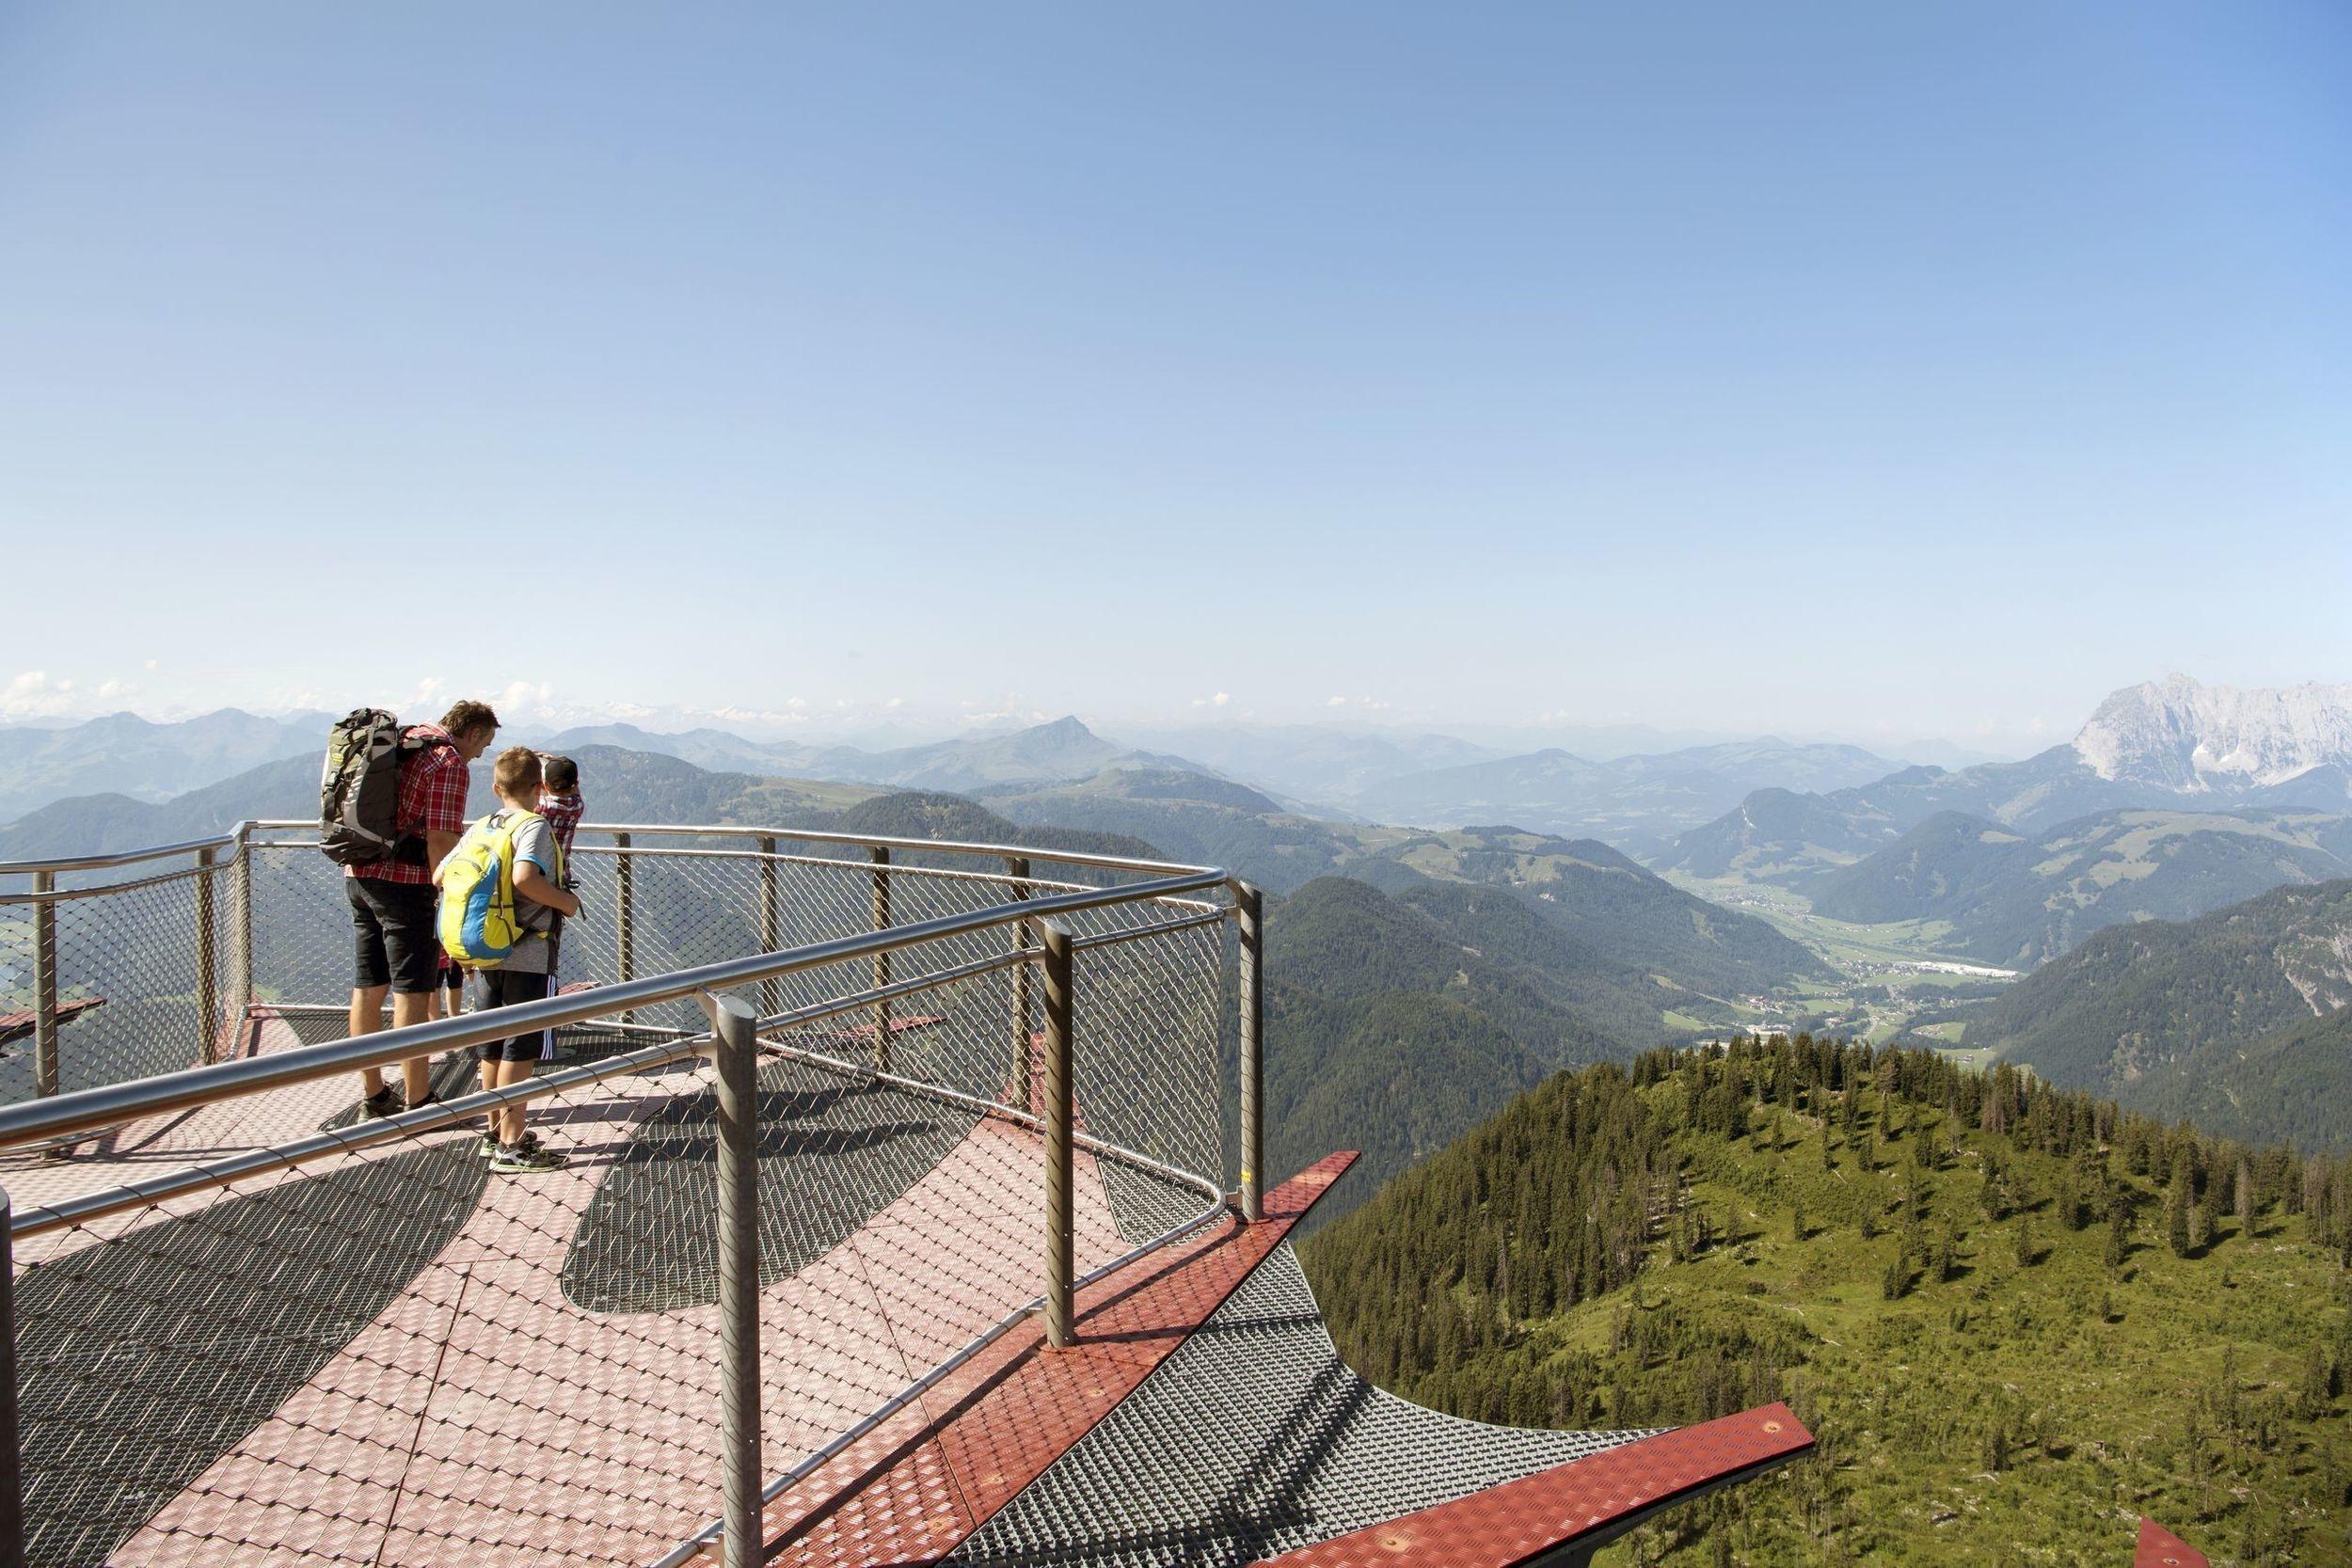 إليكم أروع المناظر من القمة التي يمكنكم أن تروها في النمسا